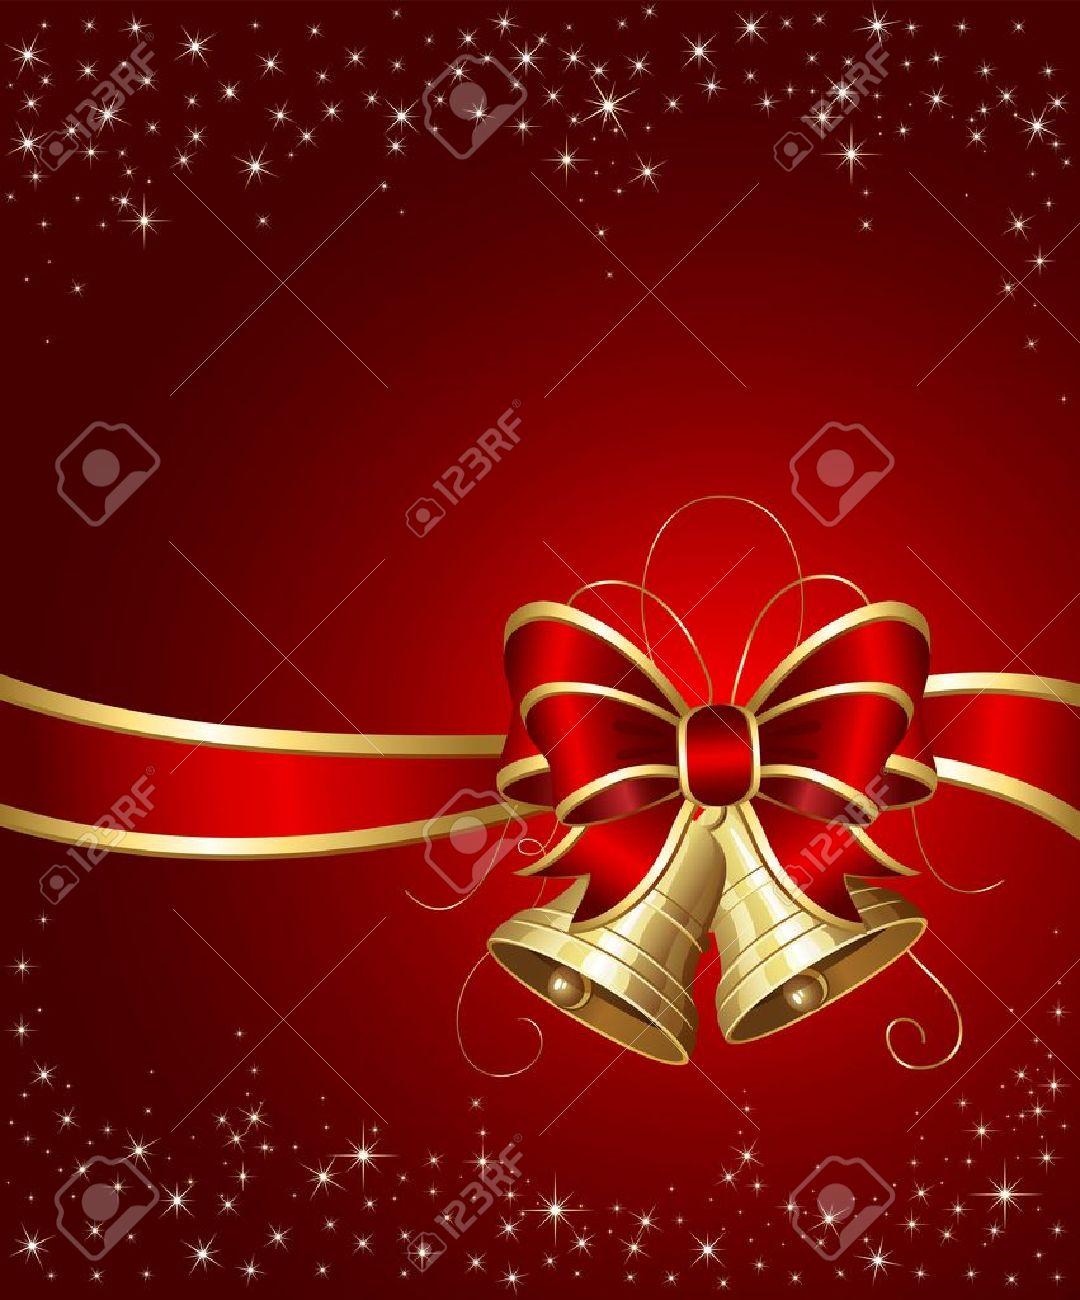 campanas de navidad con cinta sobre fondo rojo ilustracin foto de archivo 10726623 - Campanas Navideas